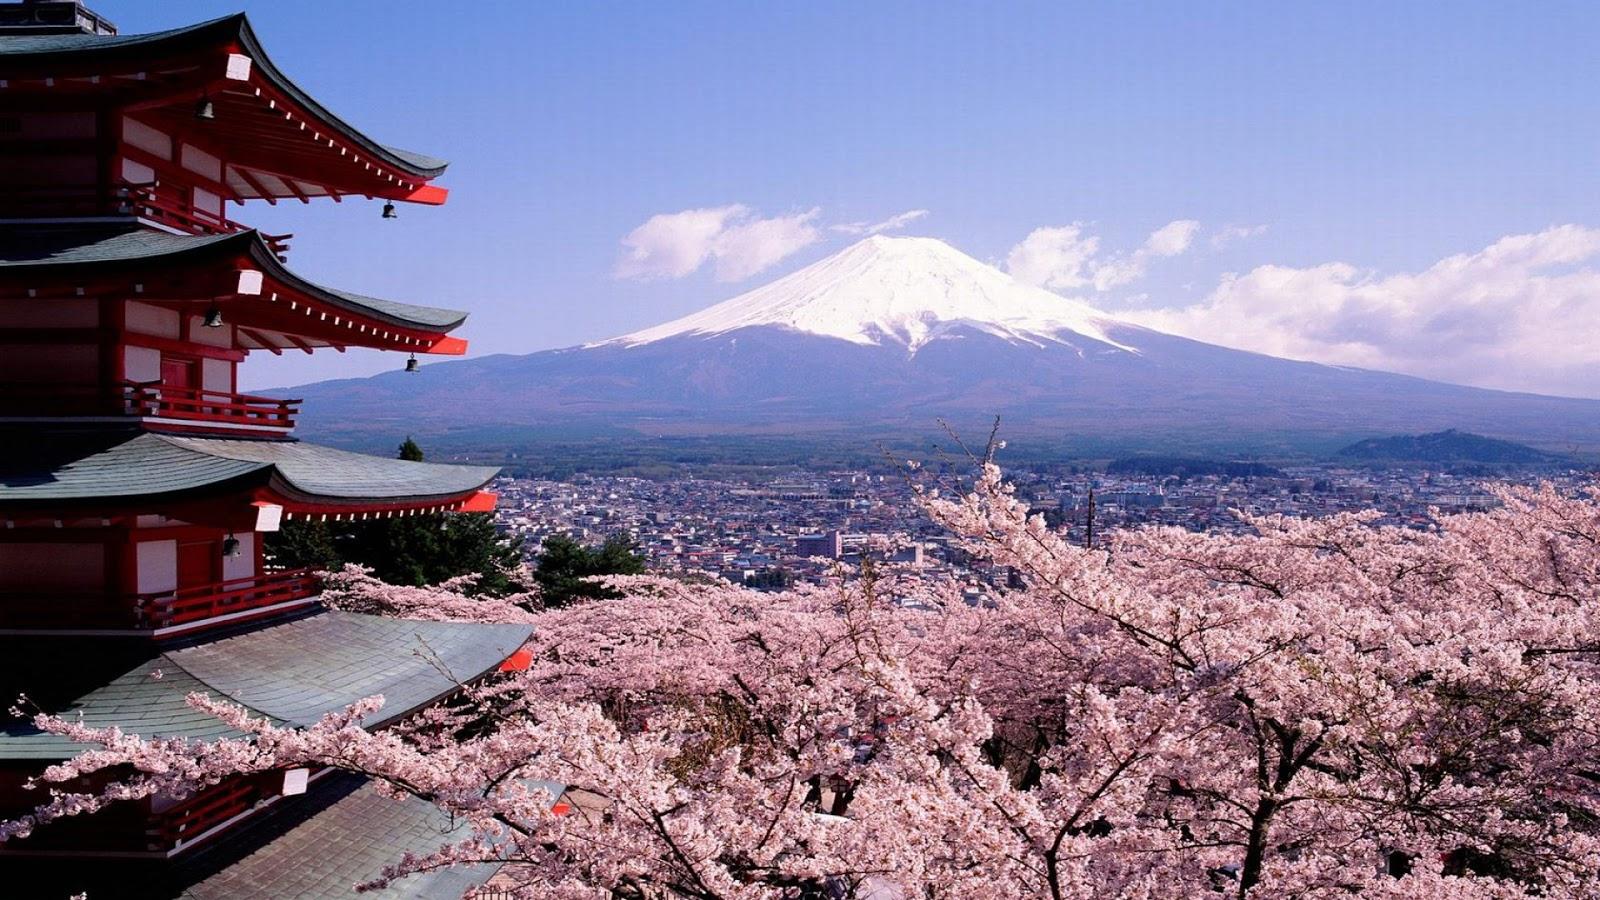 Trik Liburan Murah ke Jepang - Tips Wisata